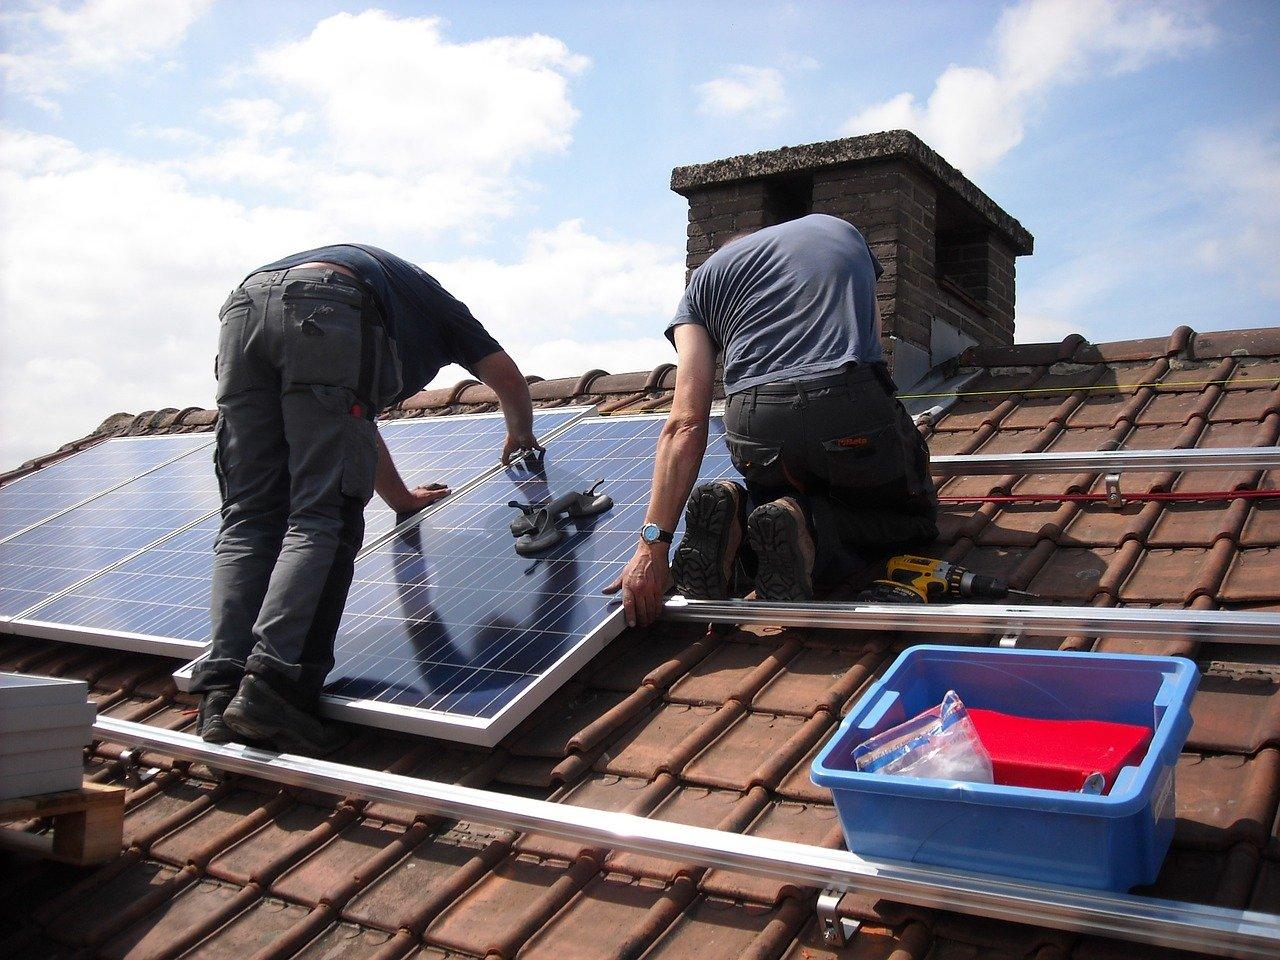 Eigenaren van zonnepanelen